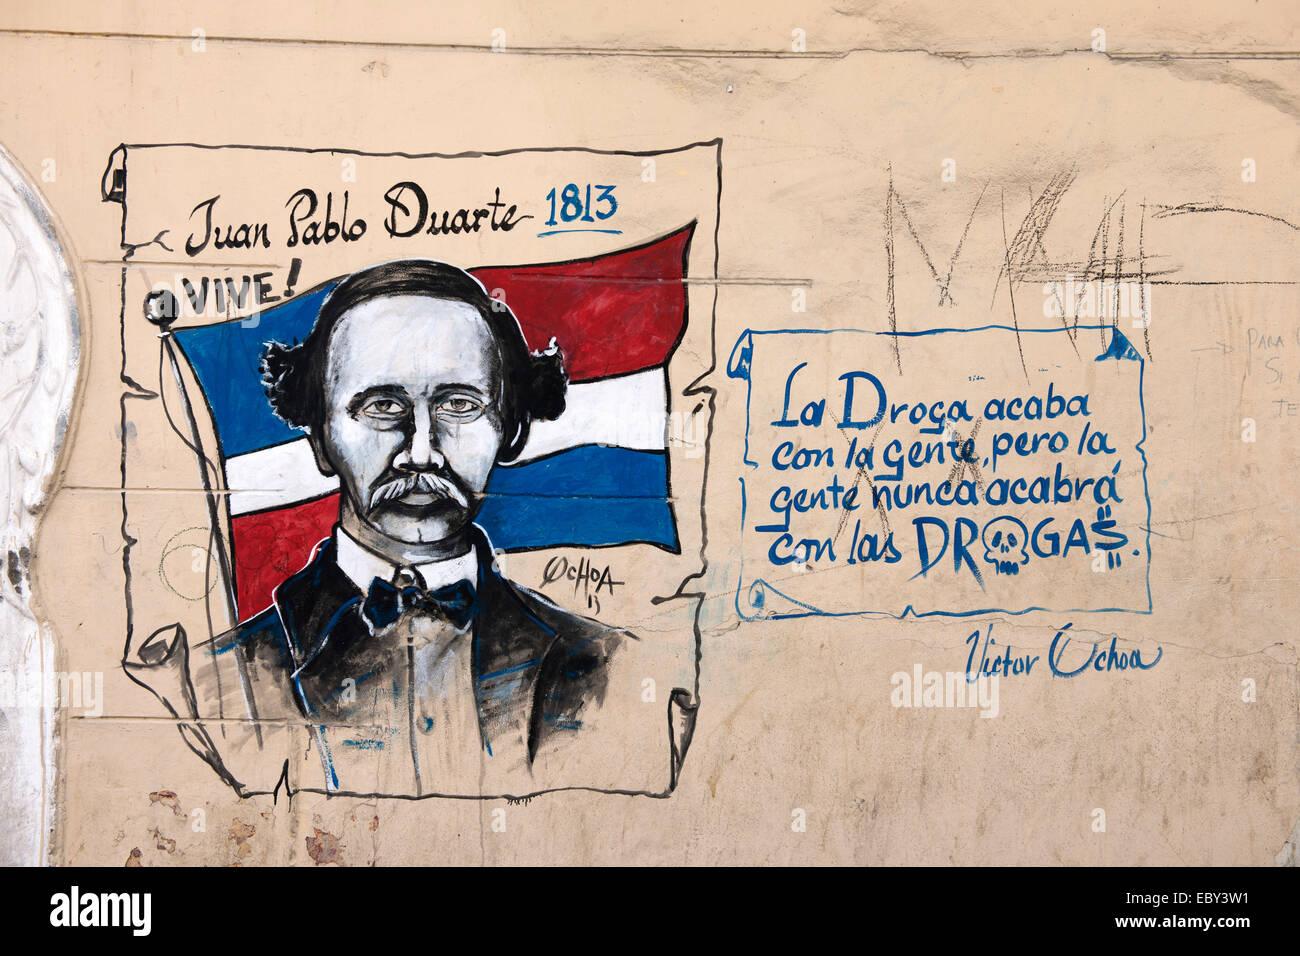 Dominikanische Republik, Santo Domingo, Zona Colonial, Graffiti, - Stock Image